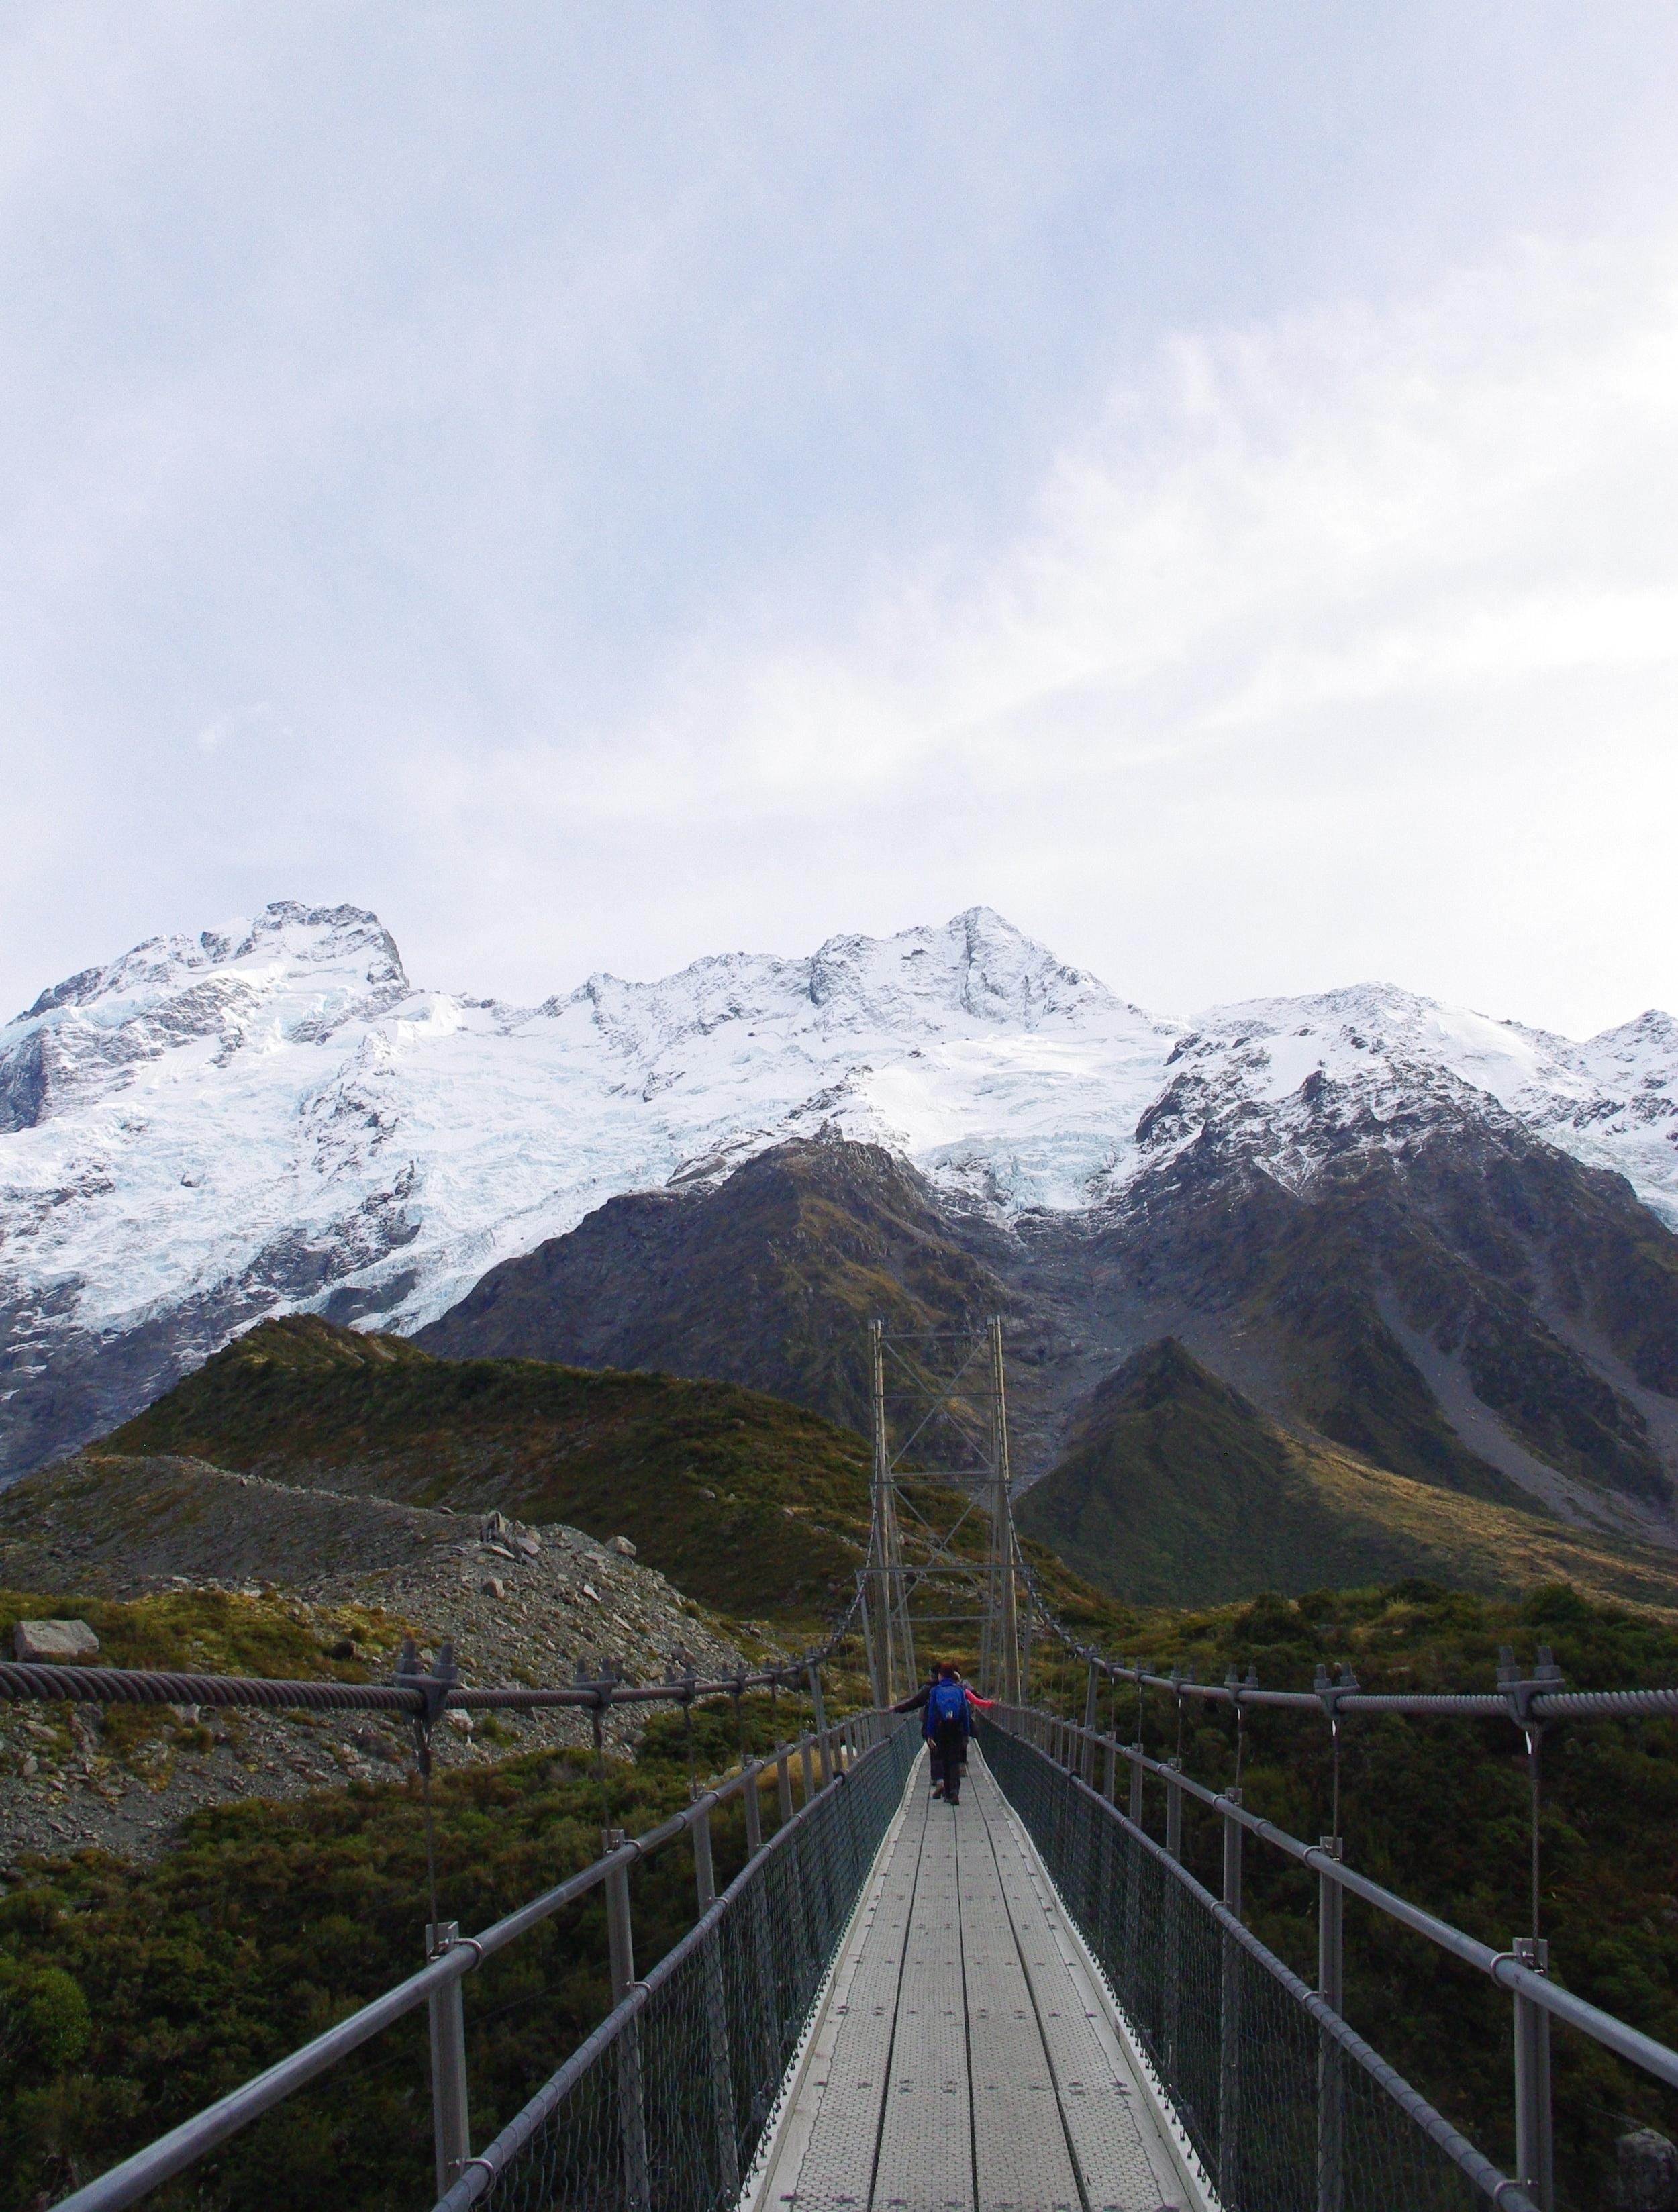 Mt. Cook, Aoraki, New Zealand